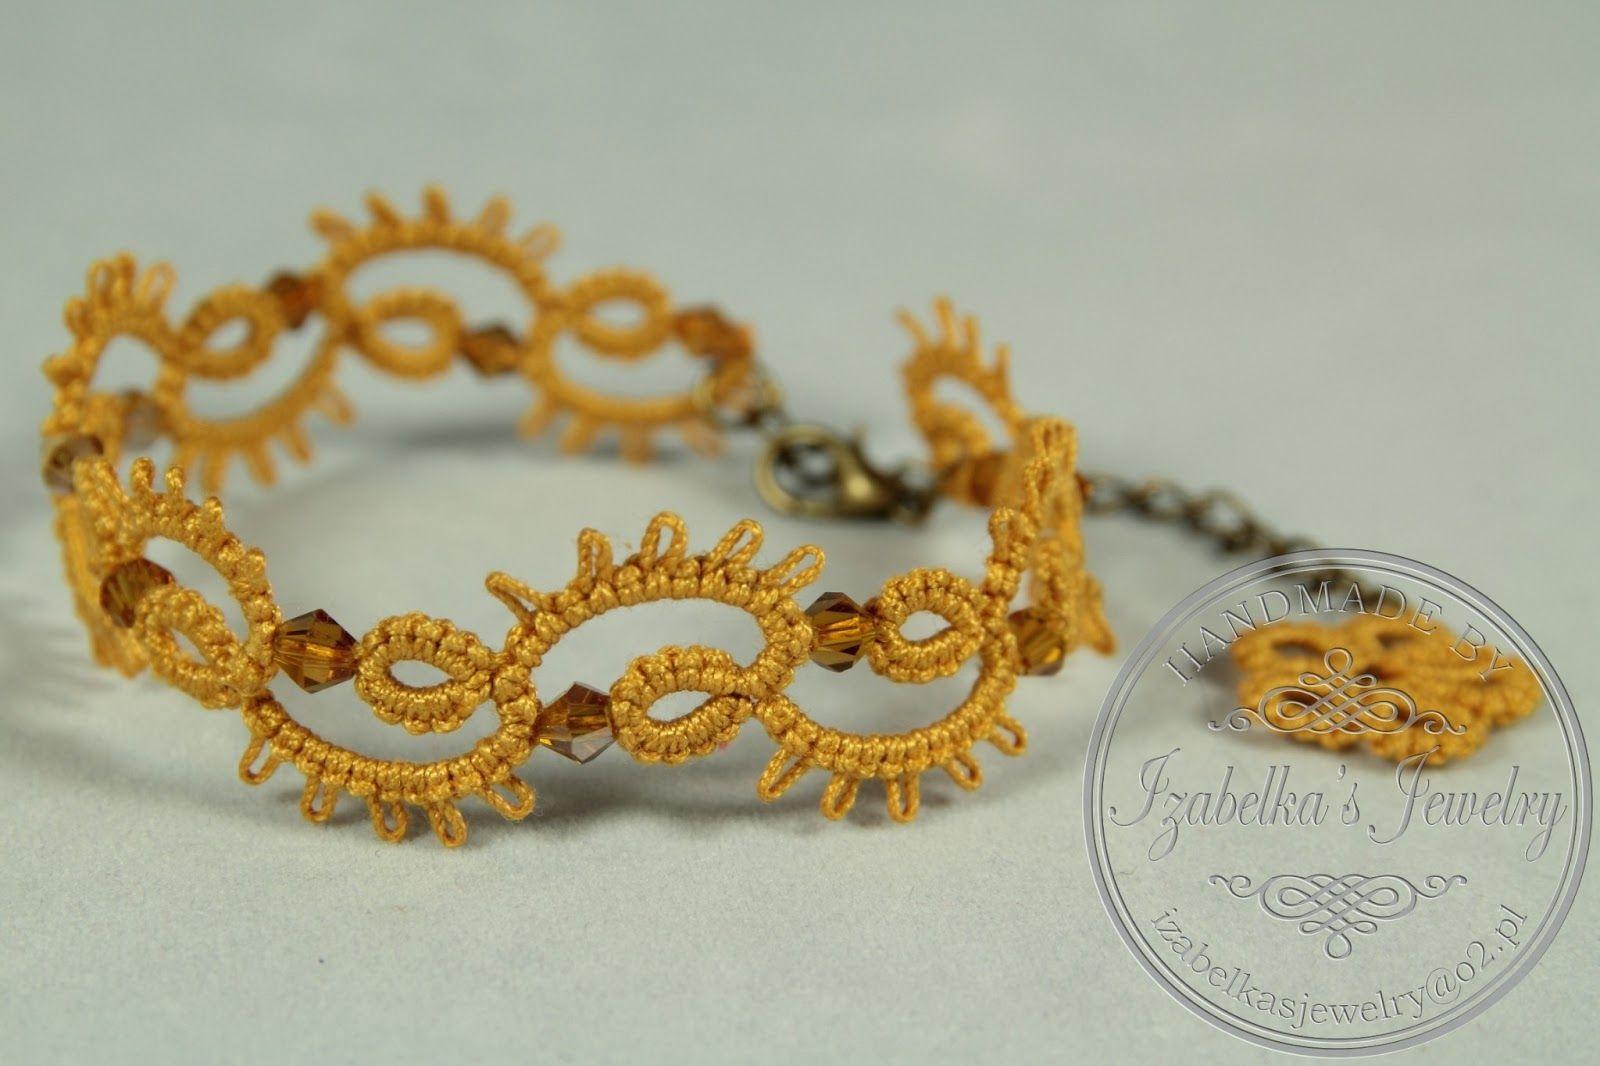 Izabelka's Jewelry: Frywolna biżuteria